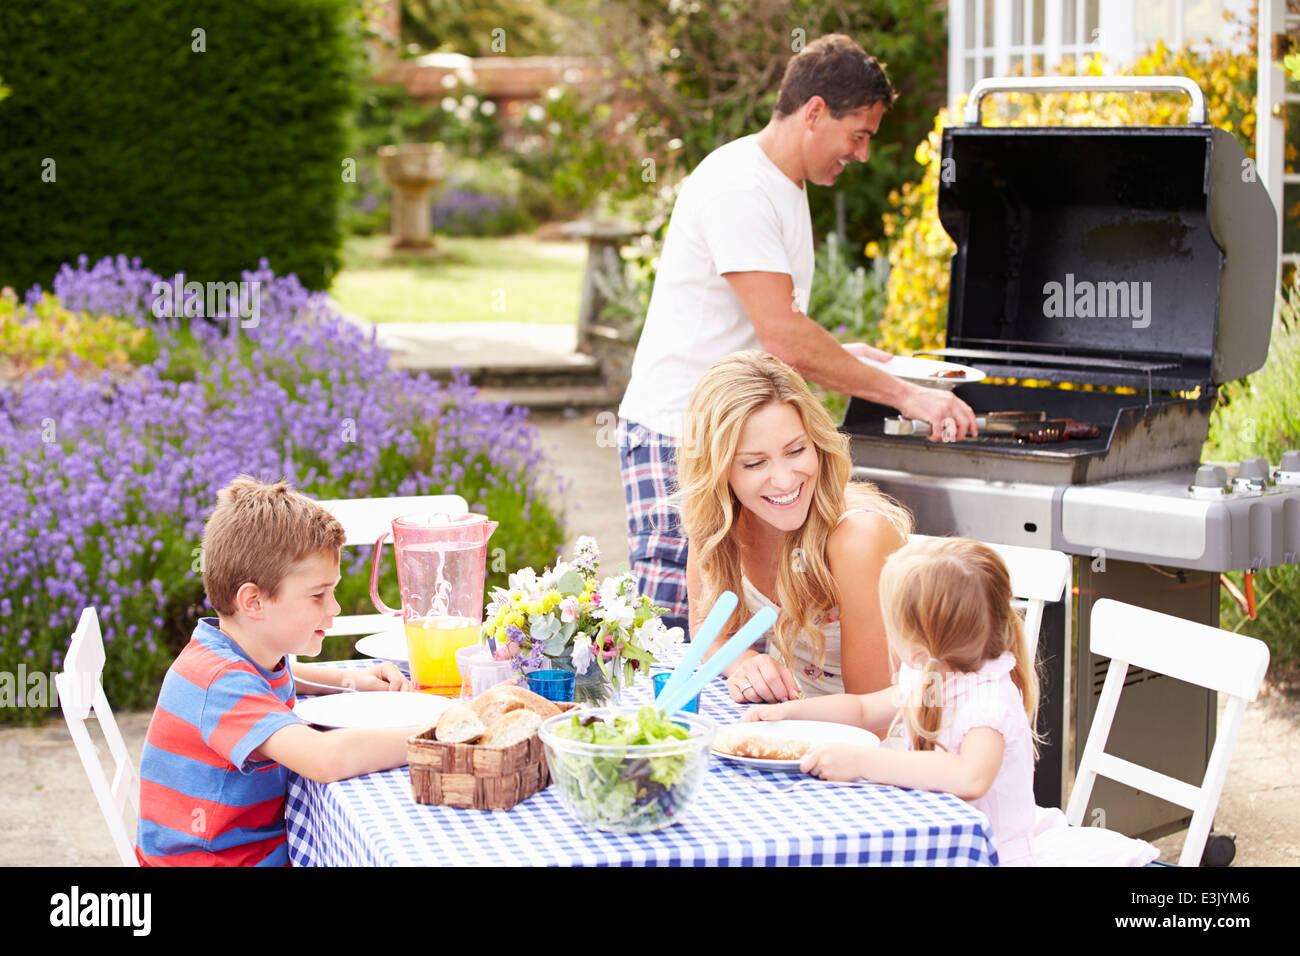 Famiglia godendo Outdoor barbecue nel giardino Immagini Stock